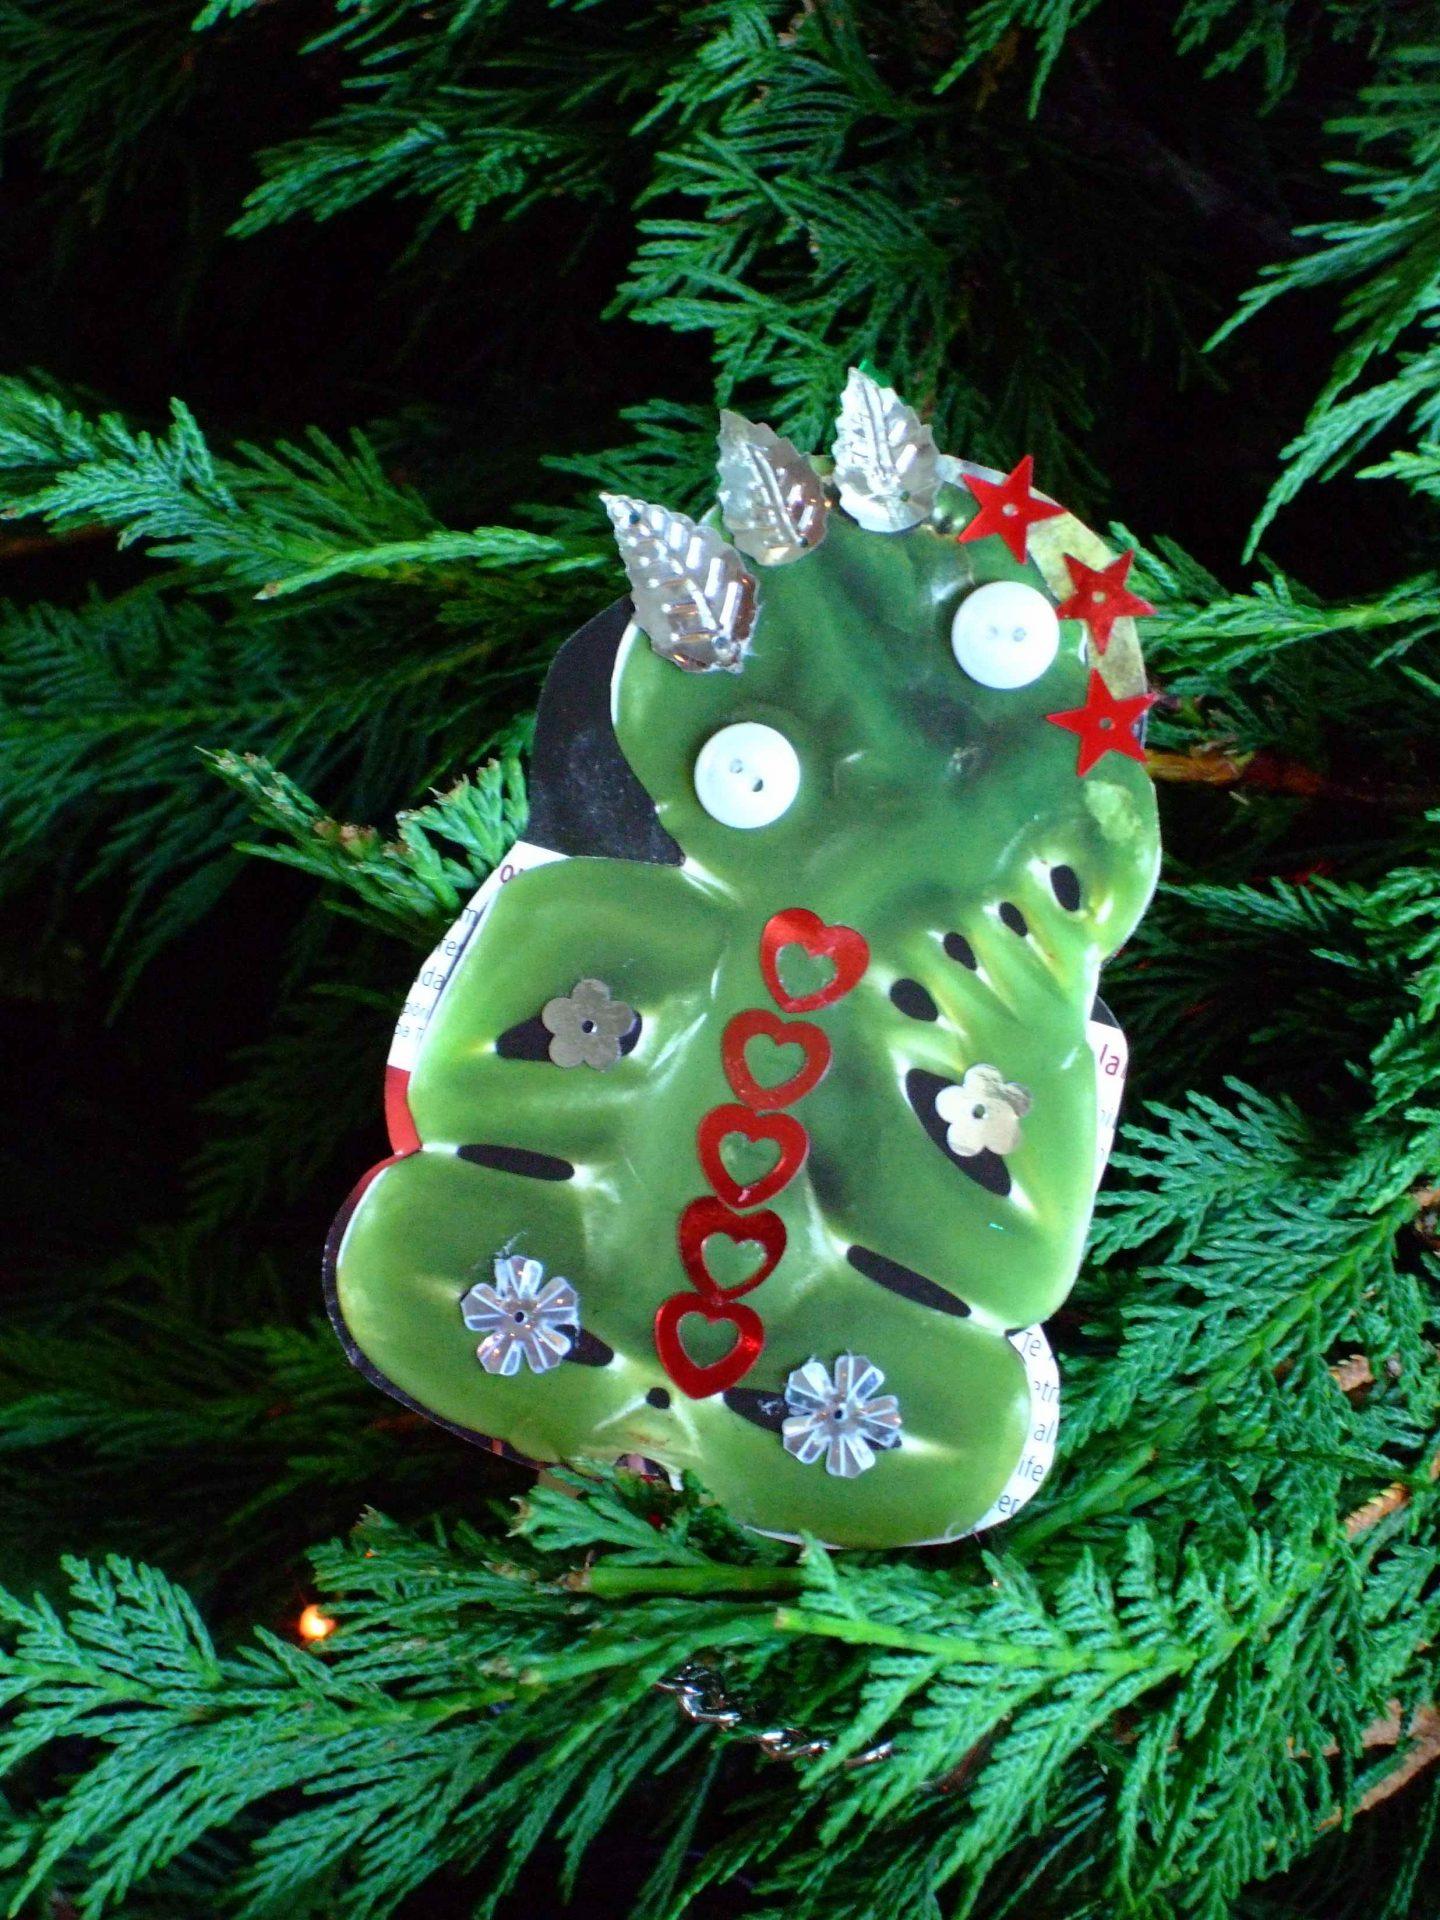 Te Papa's Blog | Christmas tree tikis at Te Papa